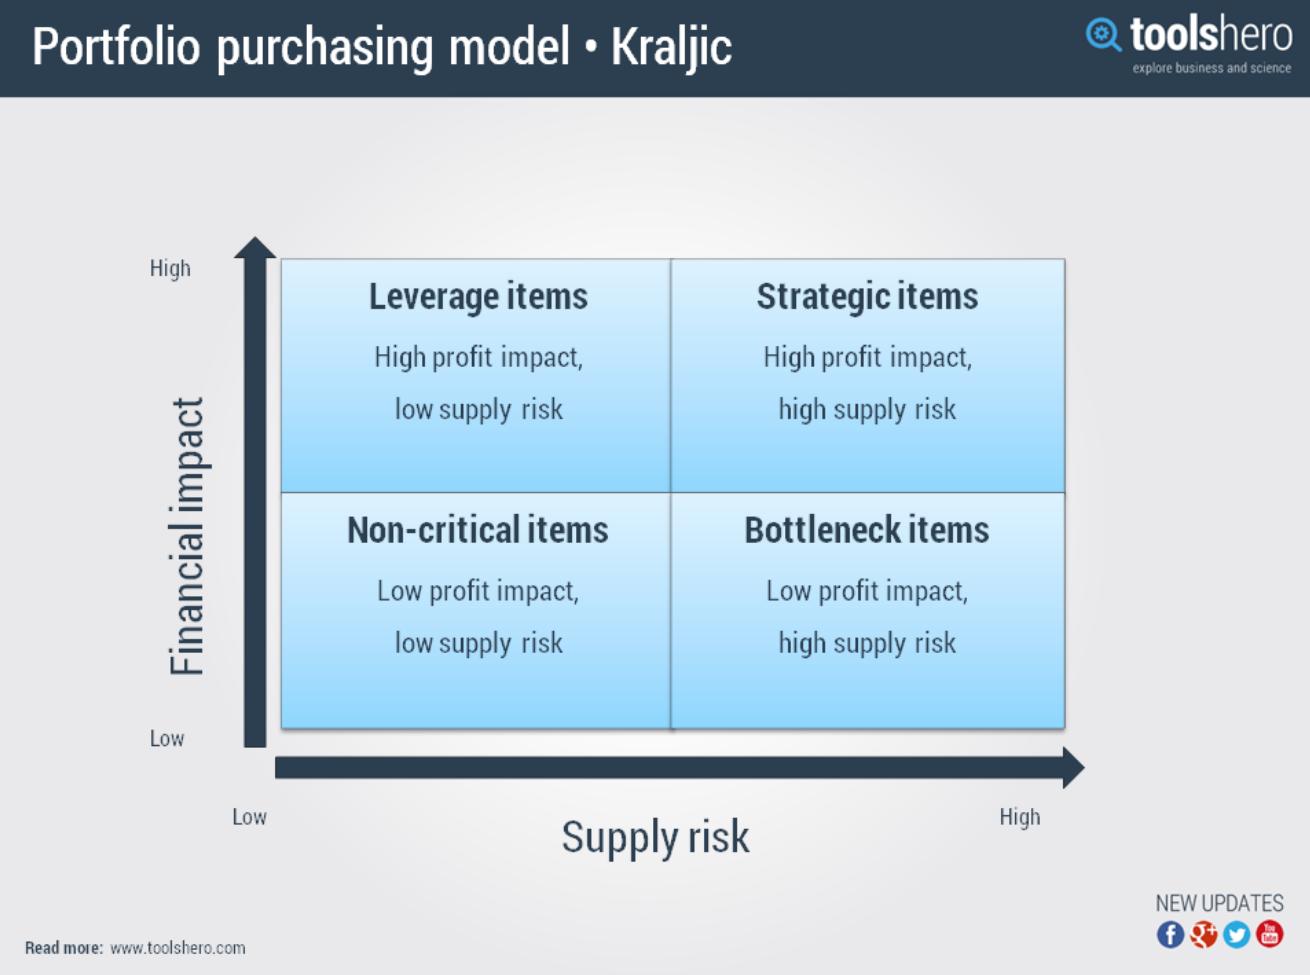 kraljic-purchasing-model